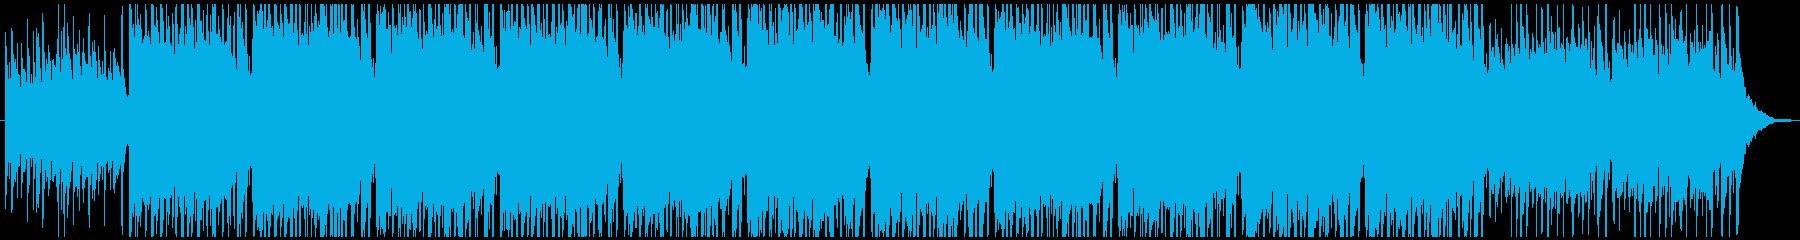 ゆったりしたほのぼのポップスの再生済みの波形